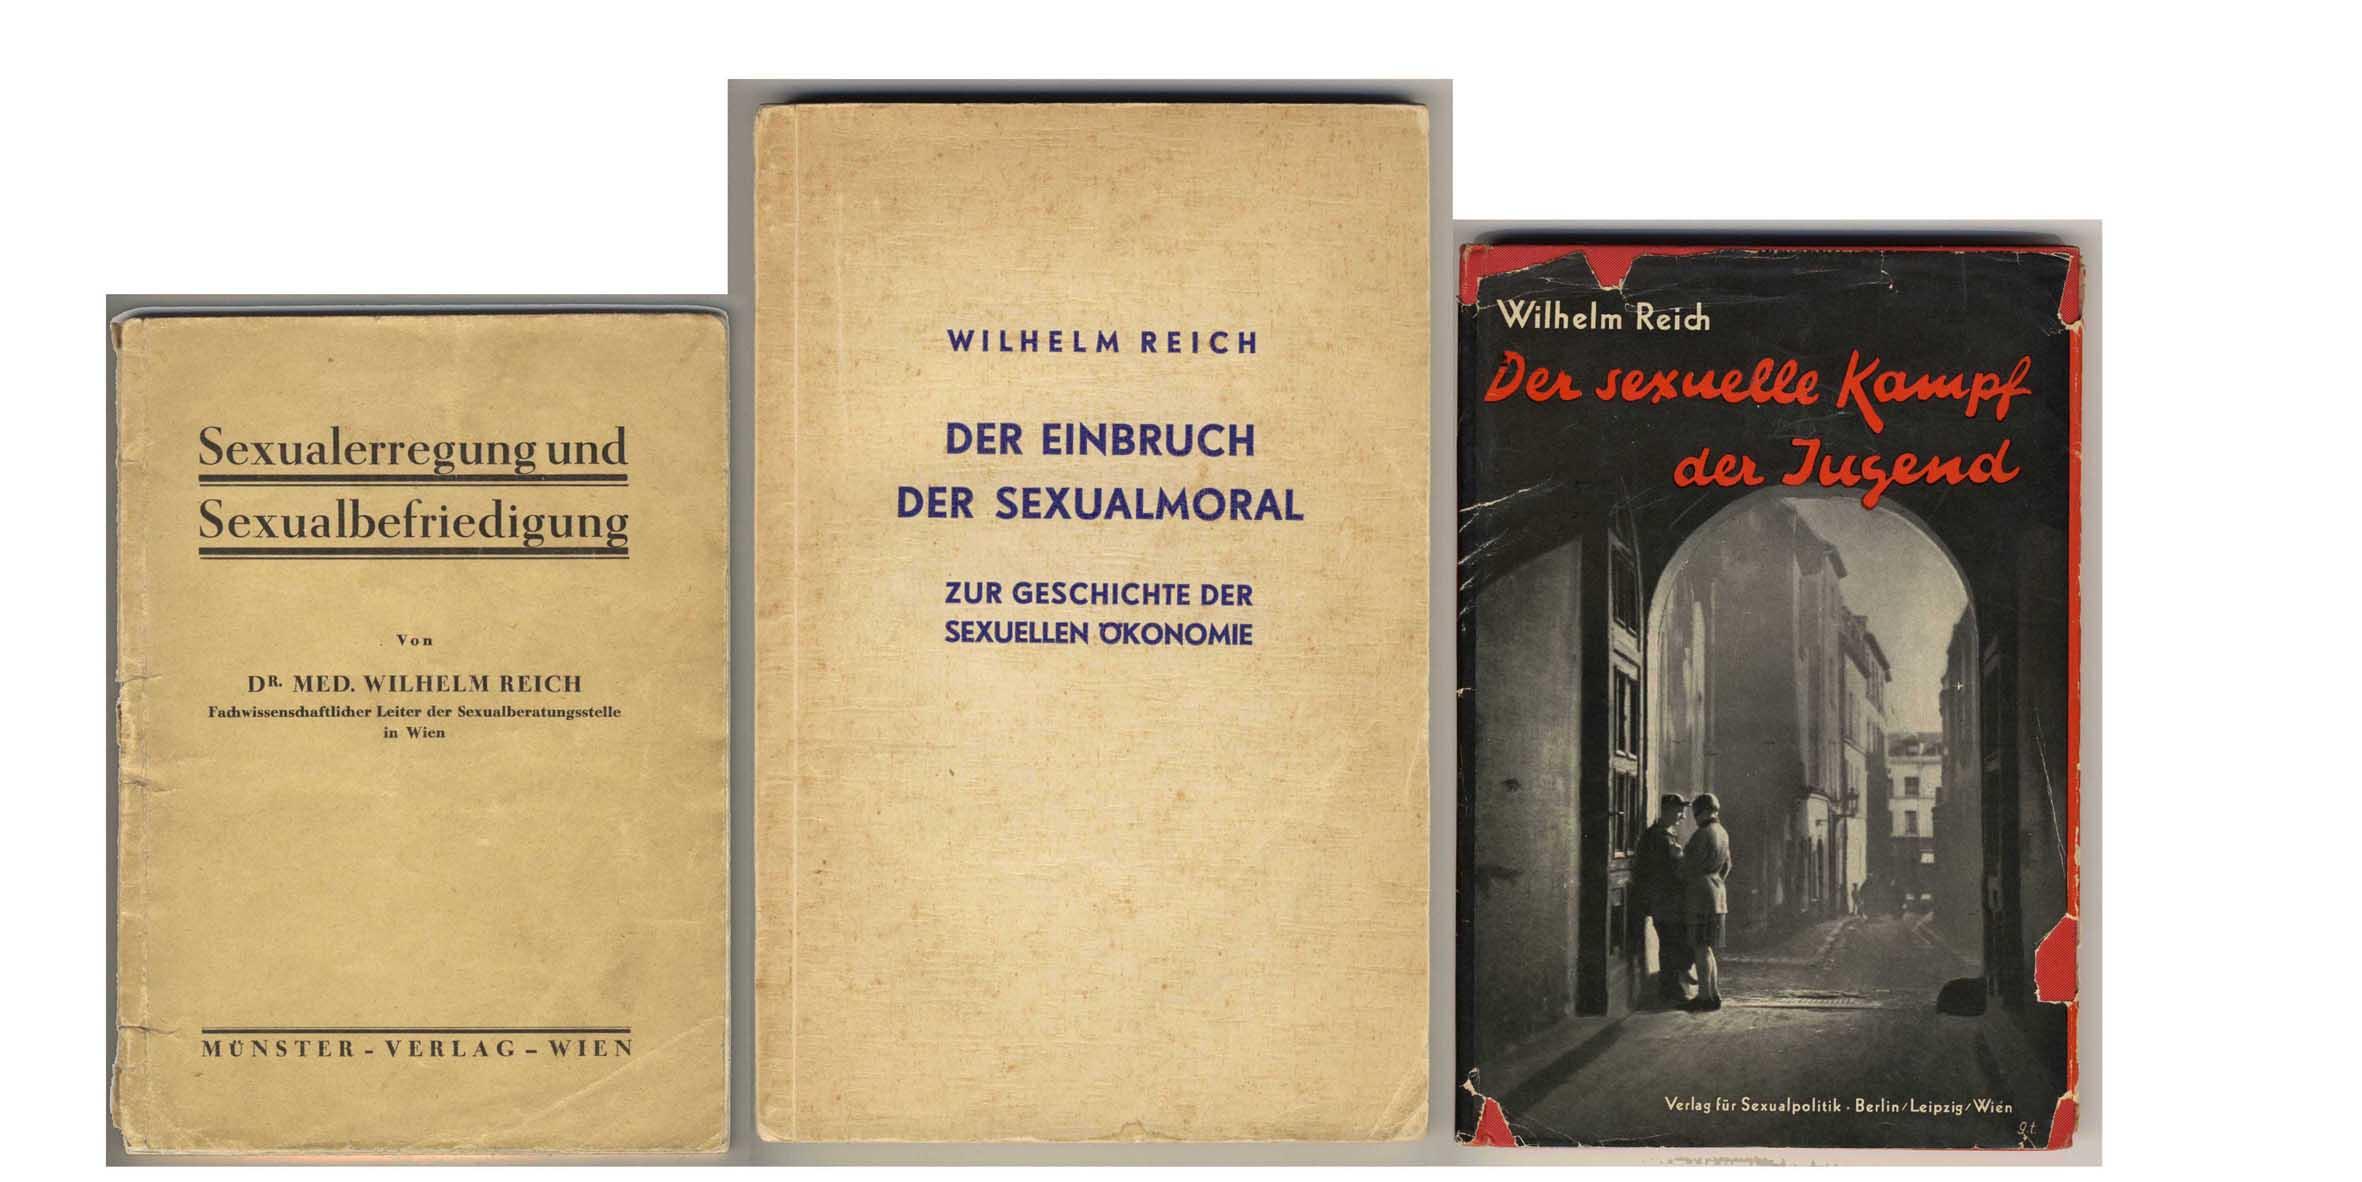 Drei Bücher Reichs, die ihn in Berlin bekannt machten: links ein bereits 1929 in Wien erschienener Ratgeber, daneben die beiden 1932 als erste in Reichs eigenem Sexpol-Verlag publizierten Schriften.